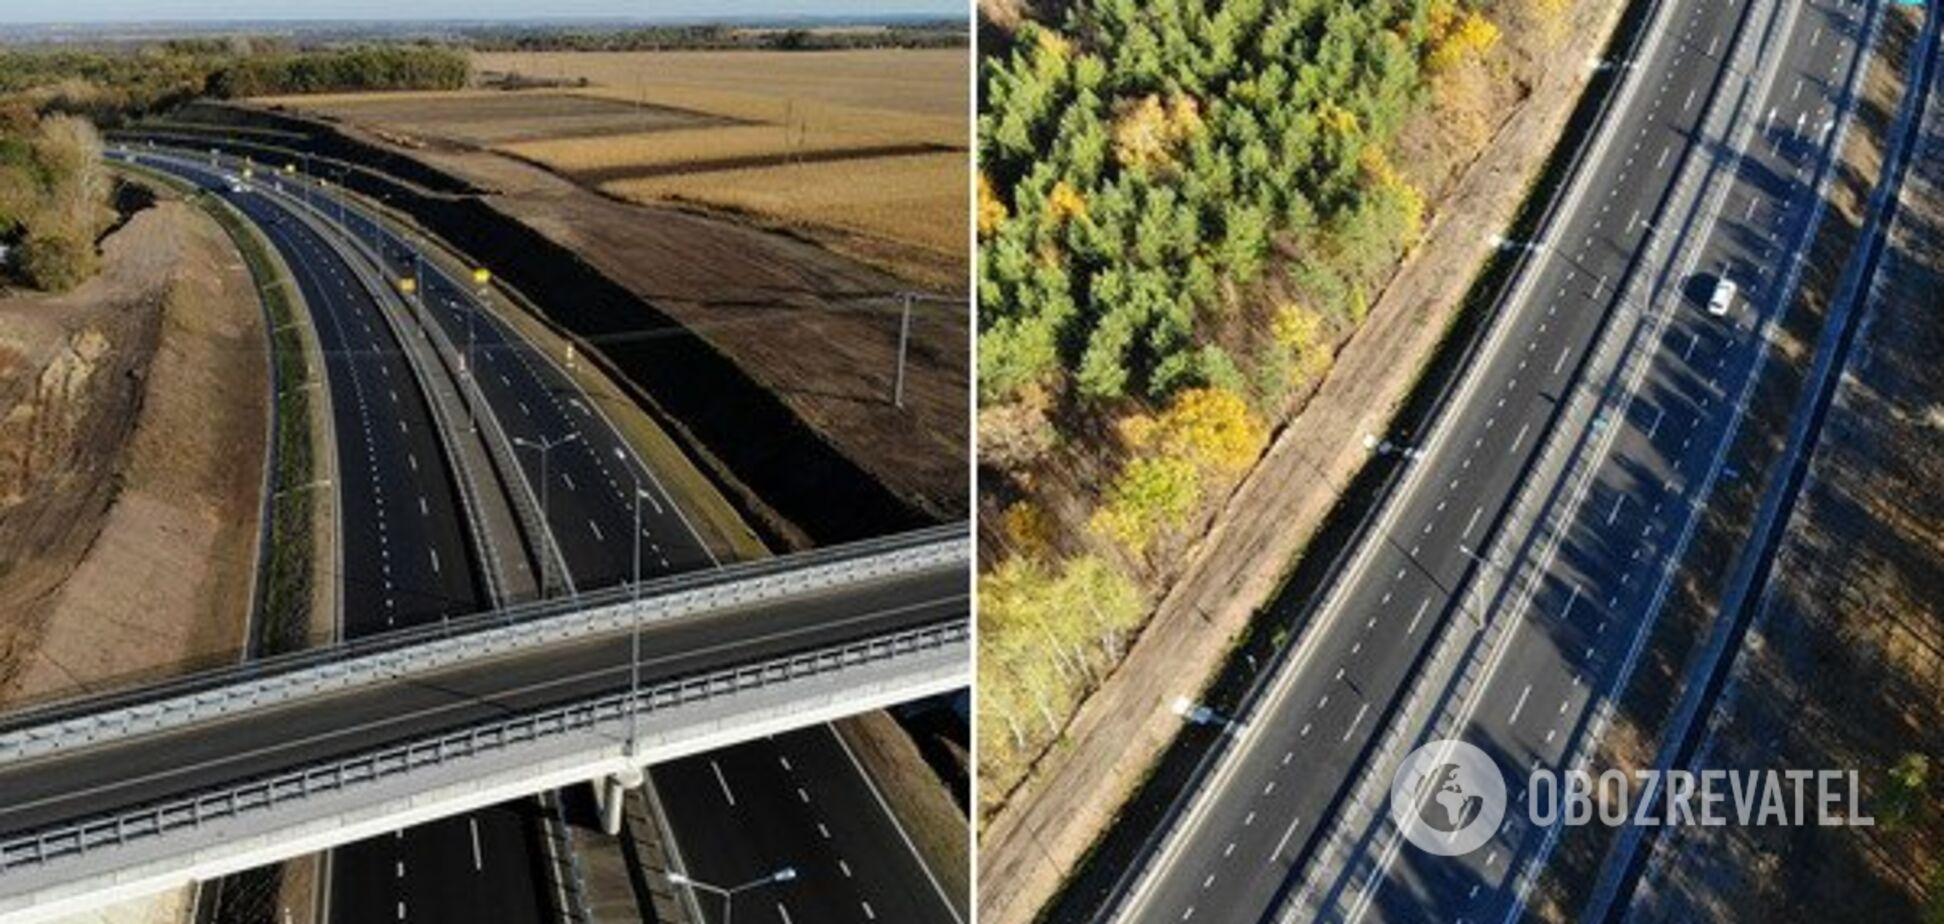 Украинские дорожники похвастали образцовым ремонтом дороги: появились впечатляющие фото